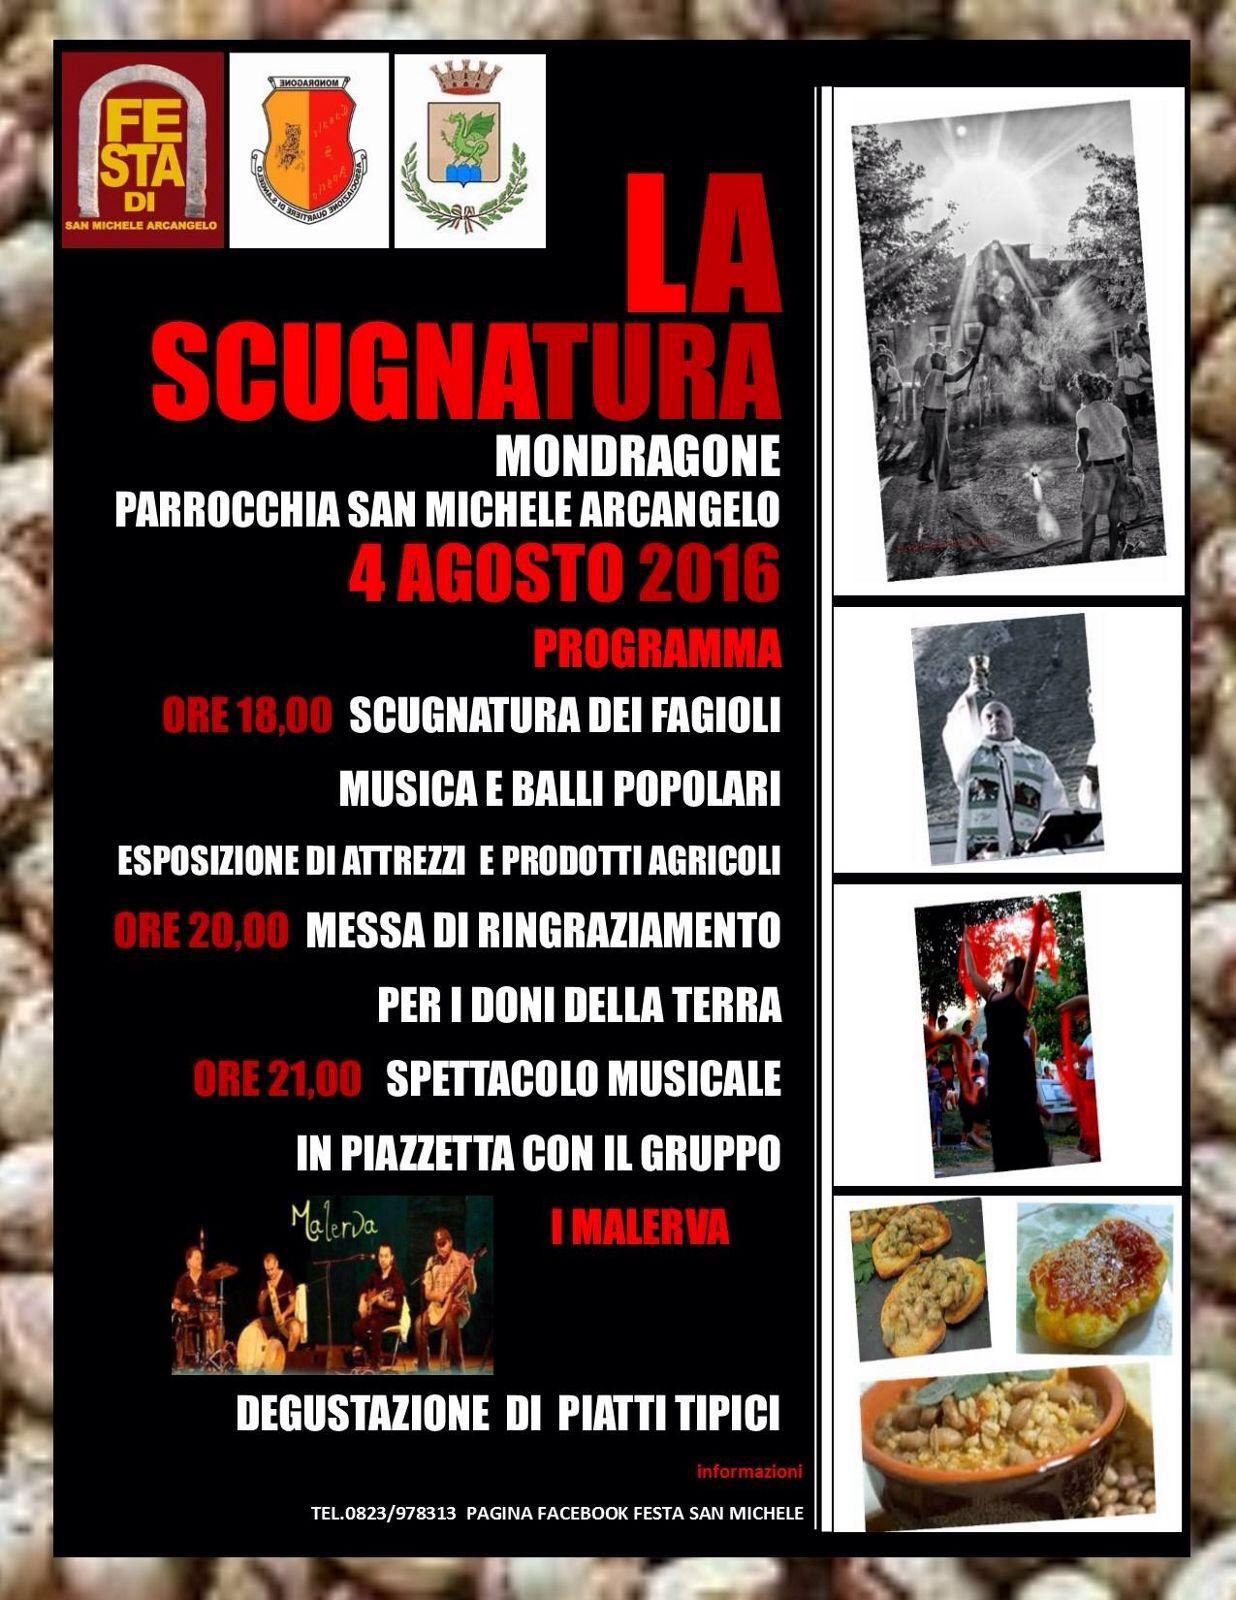 """4 Agosto 2016 """"La Scugnatura"""" – Parrocchia San Michele Arcangelo – Mondragone"""